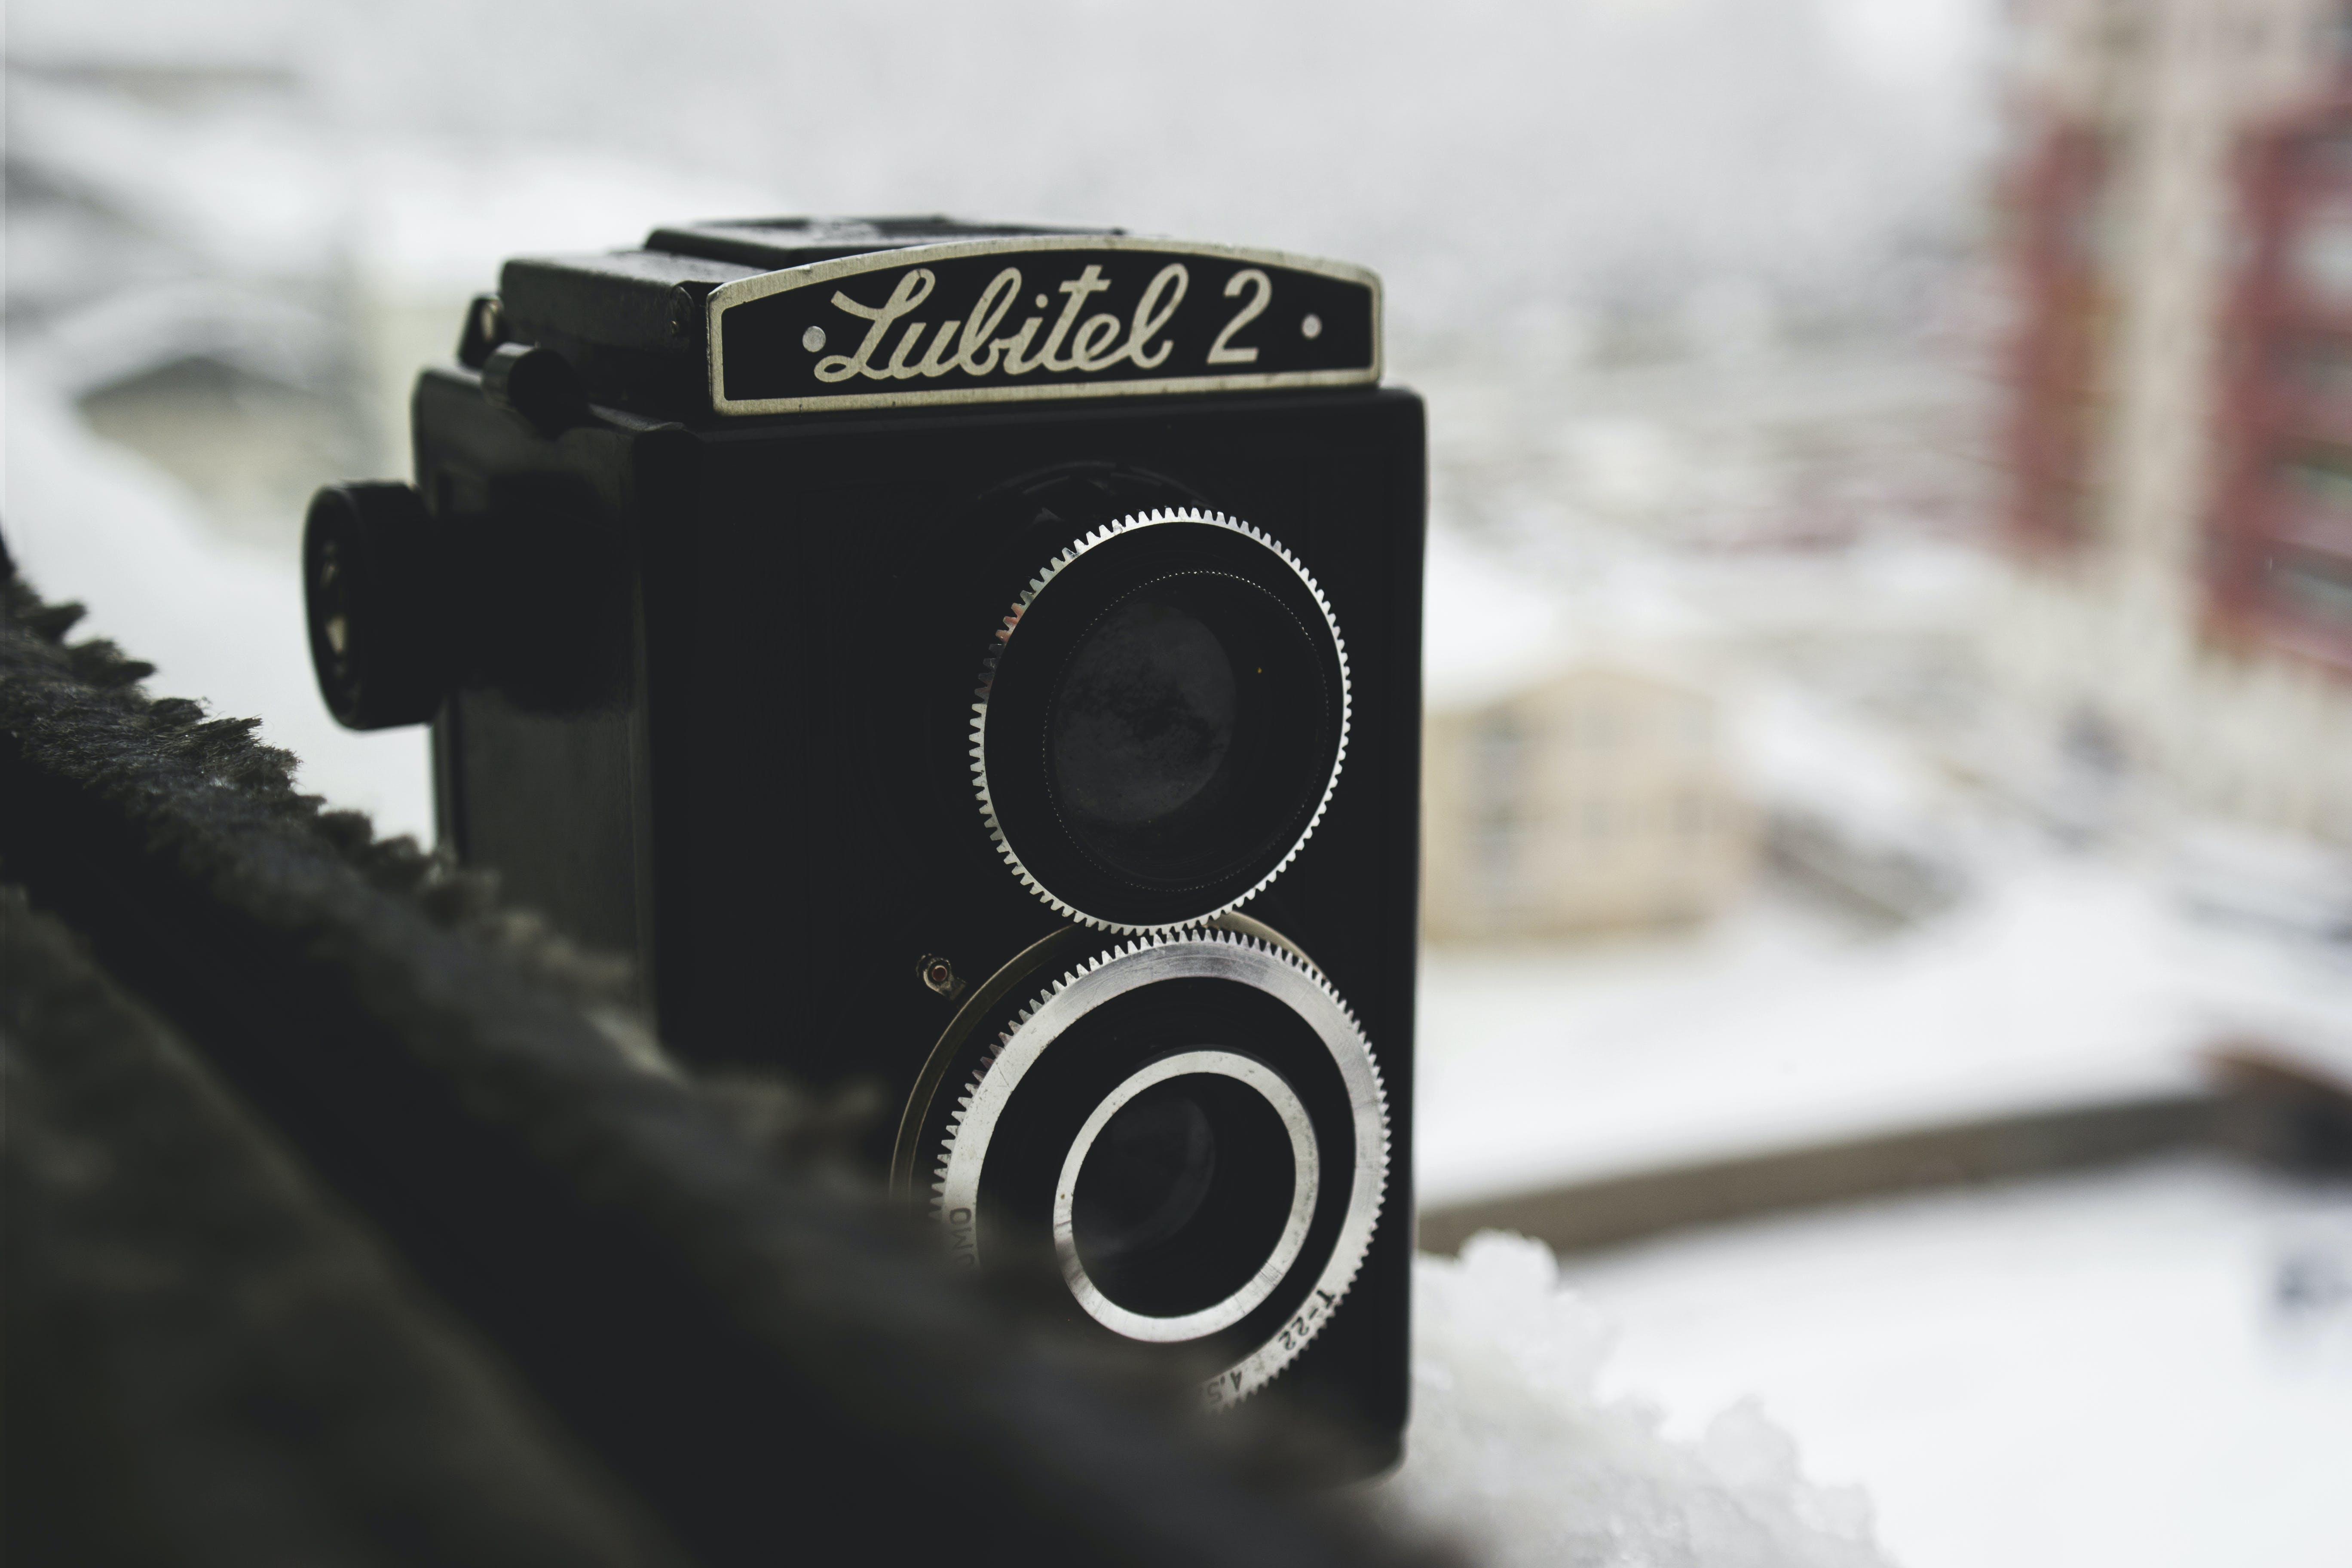 Kostnadsfri bild av fokus, instrument, kamera, lins